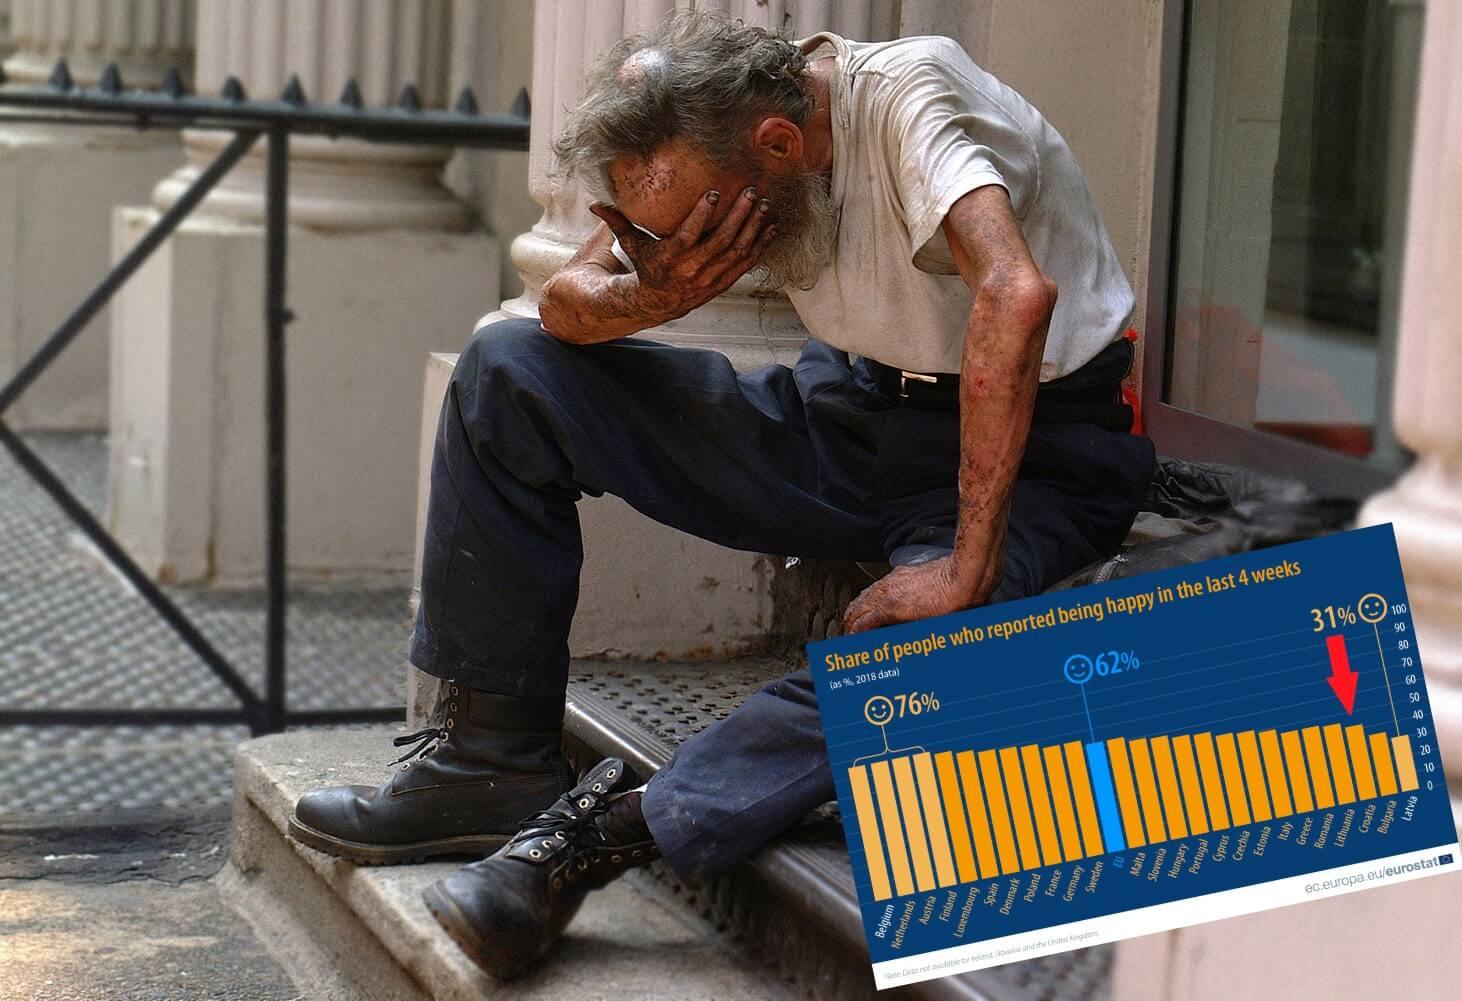 Hrvati su među najnesretnijim narodima u Europskoj uniji, pogledajte graf